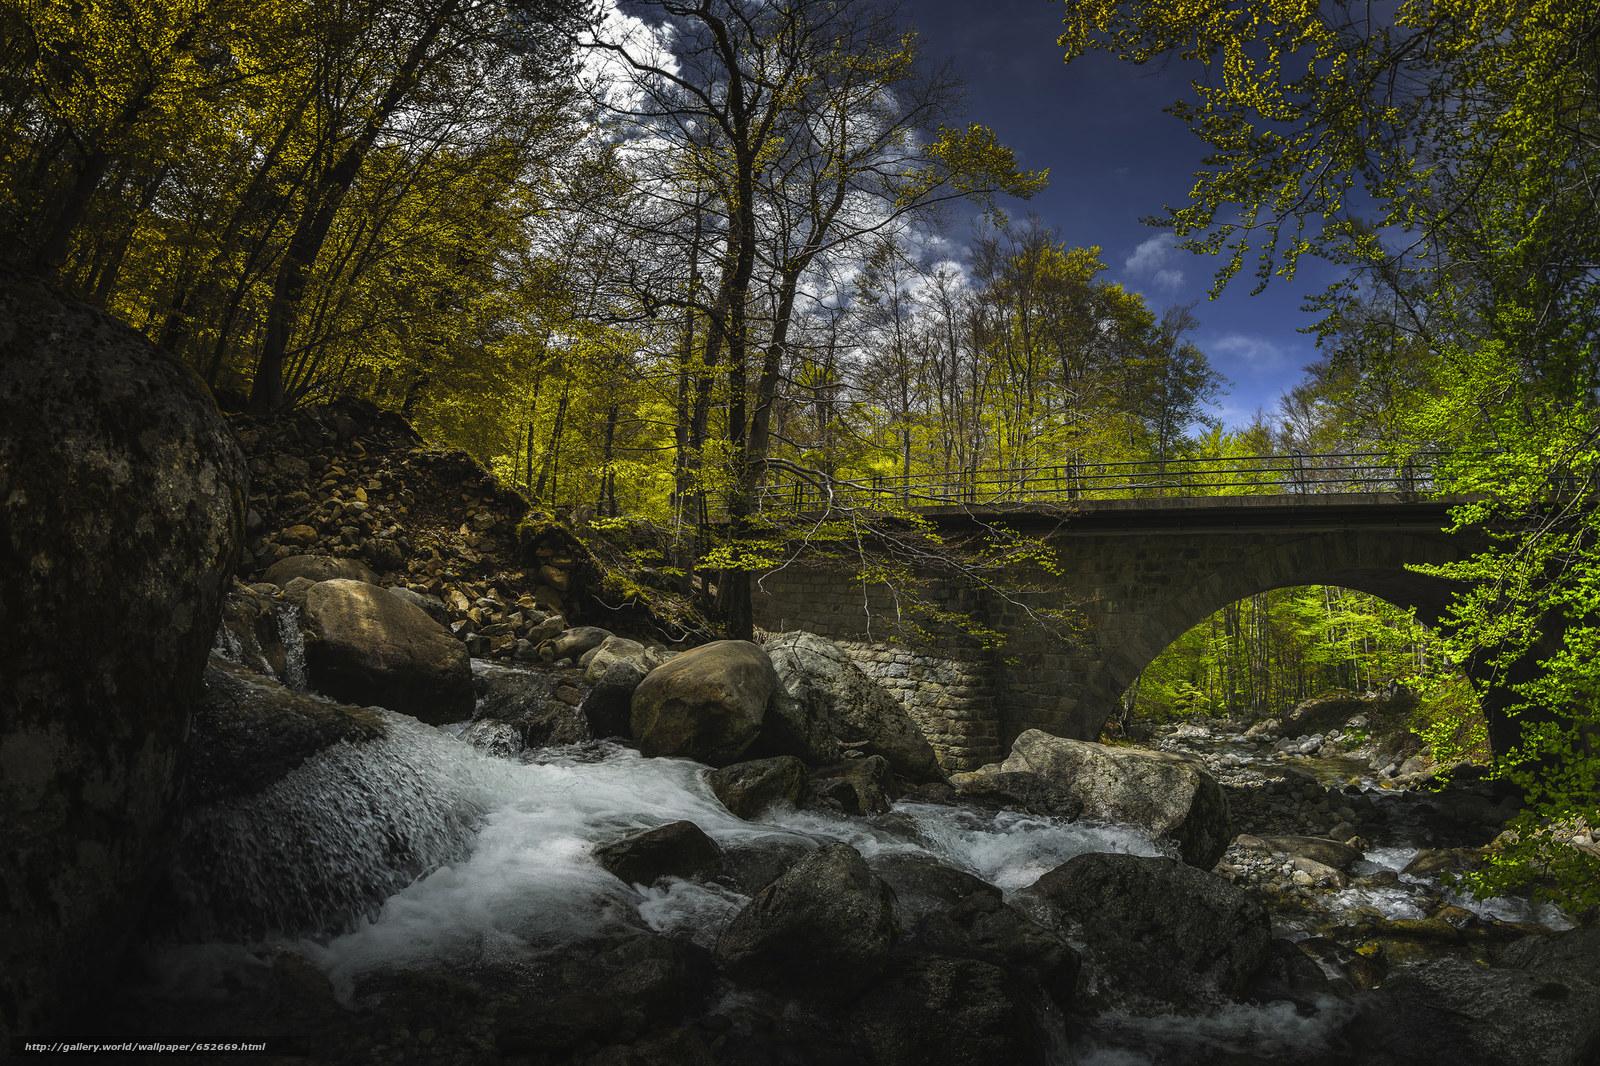 Скачать обои водопад,  деревья,  мост,  камни бесплатно для рабочего стола в разрешении 2048x1365 — картинка №652669